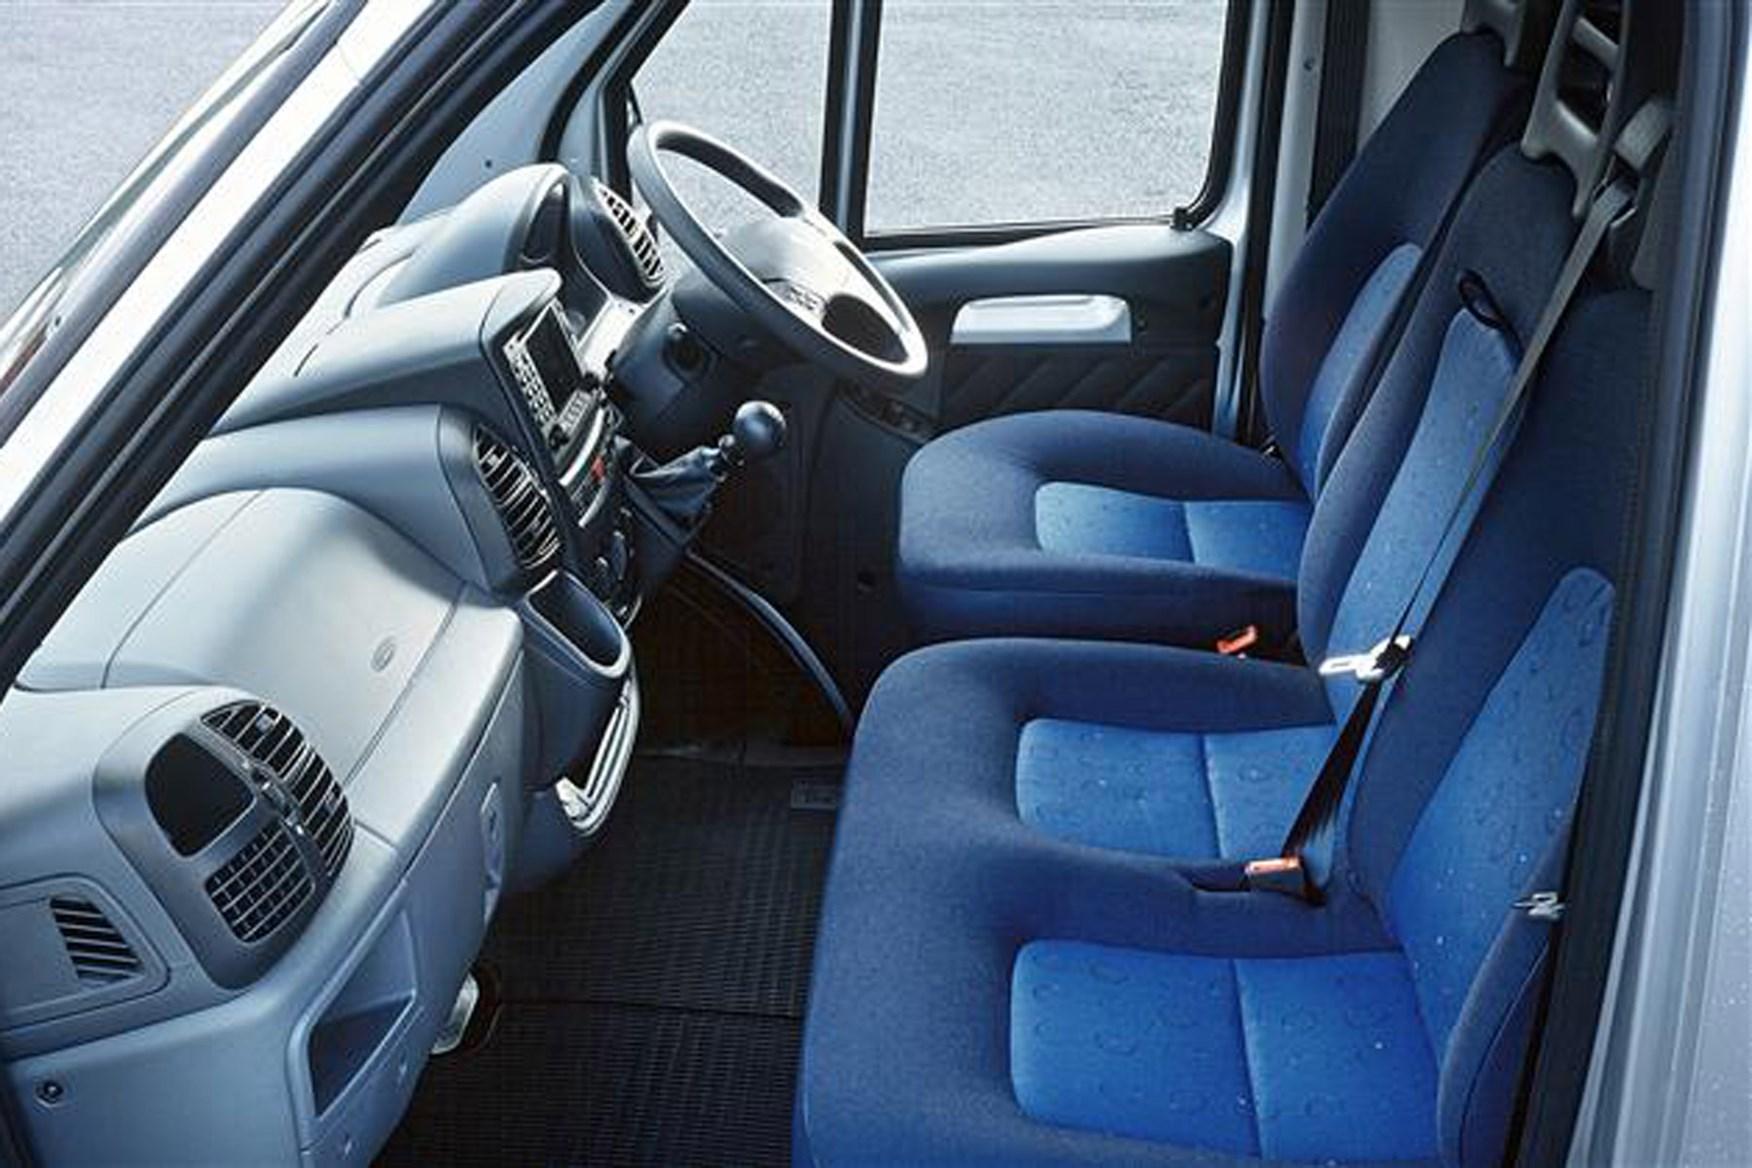 Peugeot Boxer review on Parkers Vans - cabin